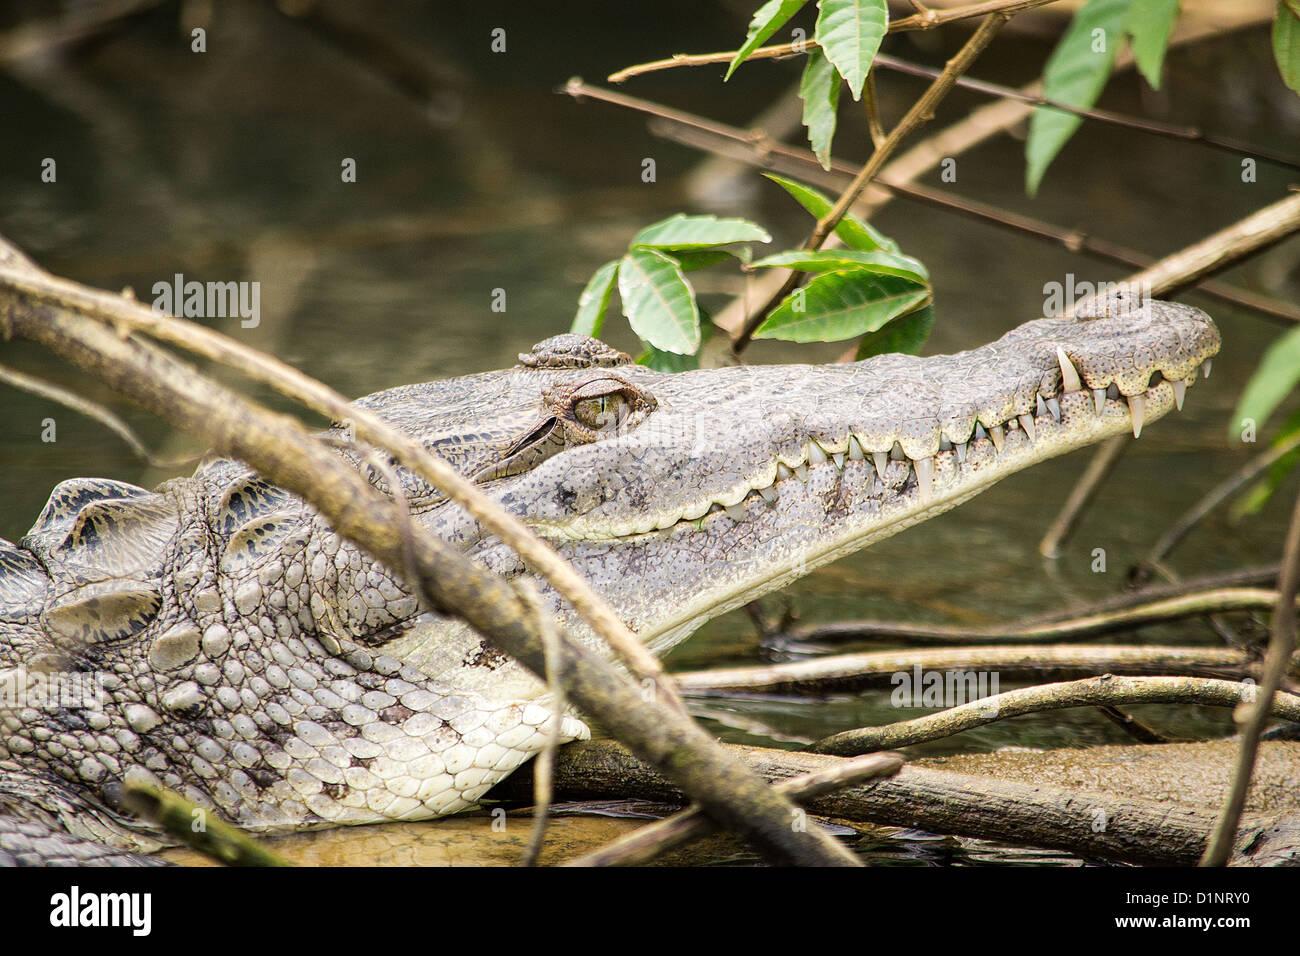 Crocodile (Crocodylidae), Belize, Monkey River, - Stock Image